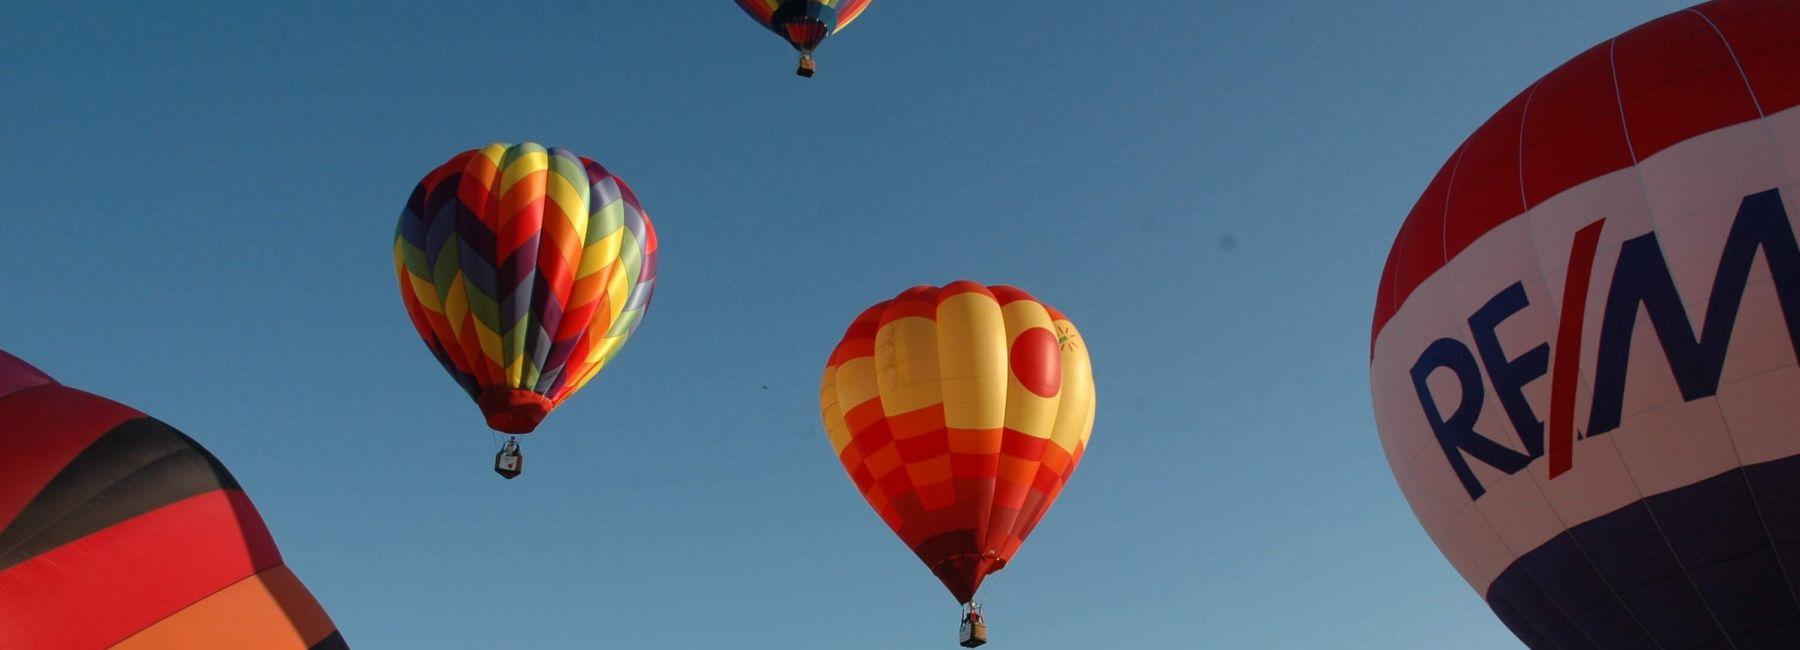 Marshall Balloon Fest